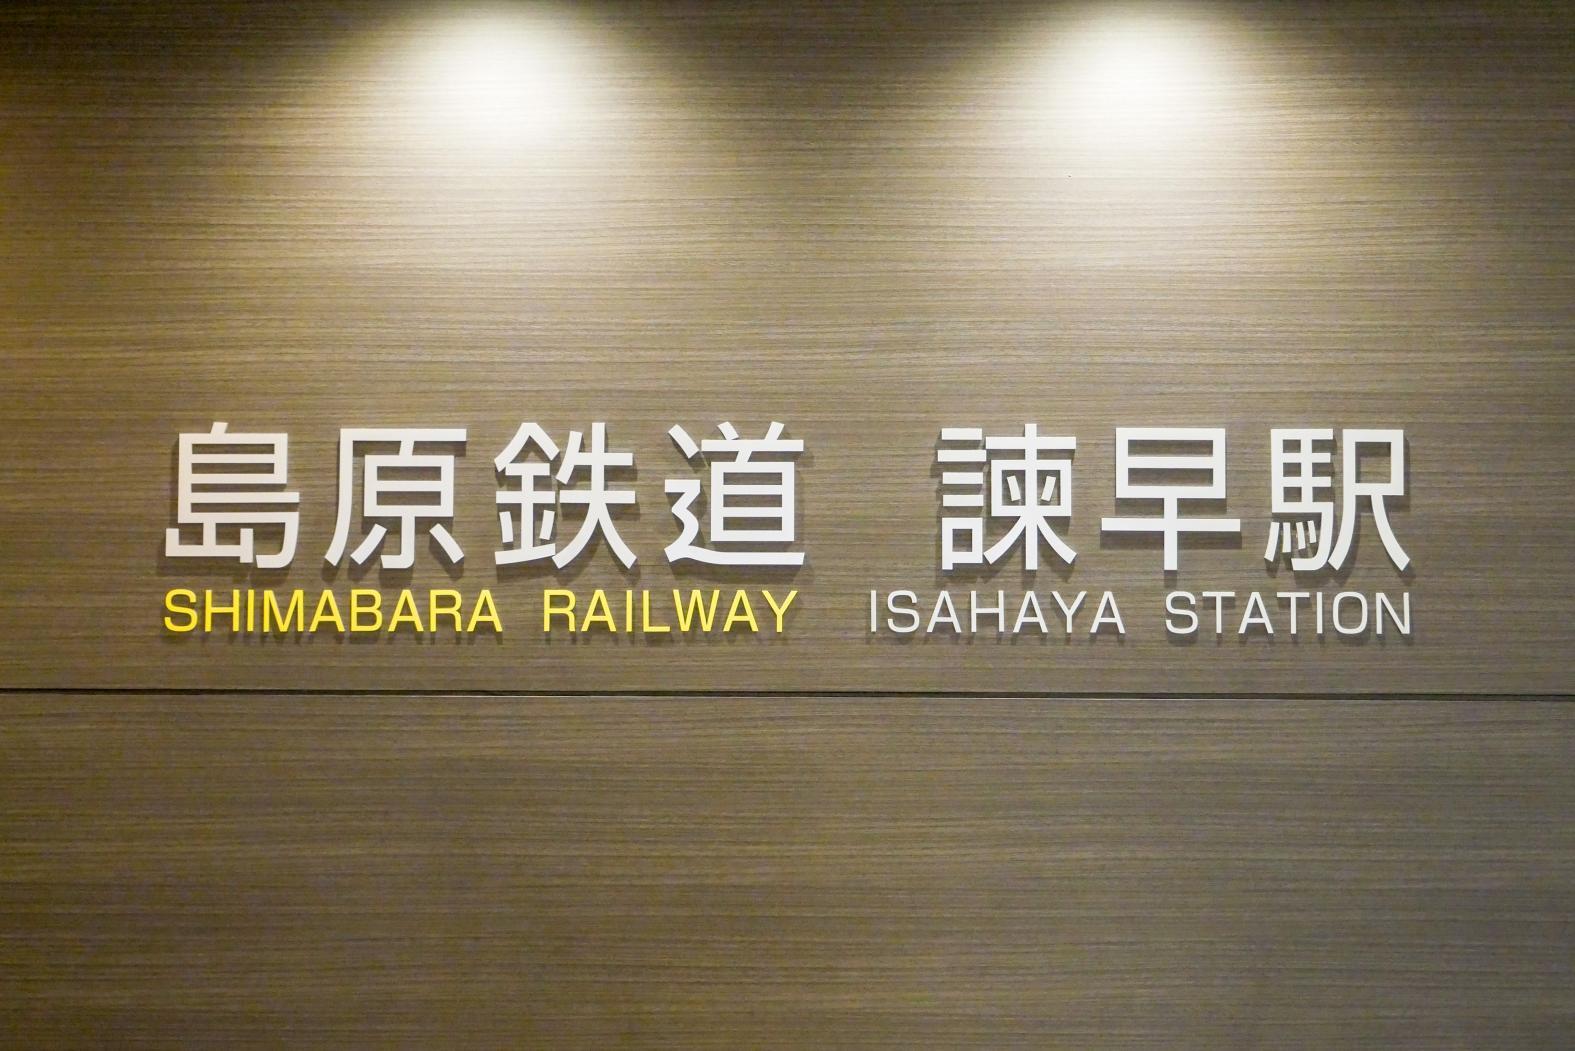 諫早駅で島原鉄道と初対面-1